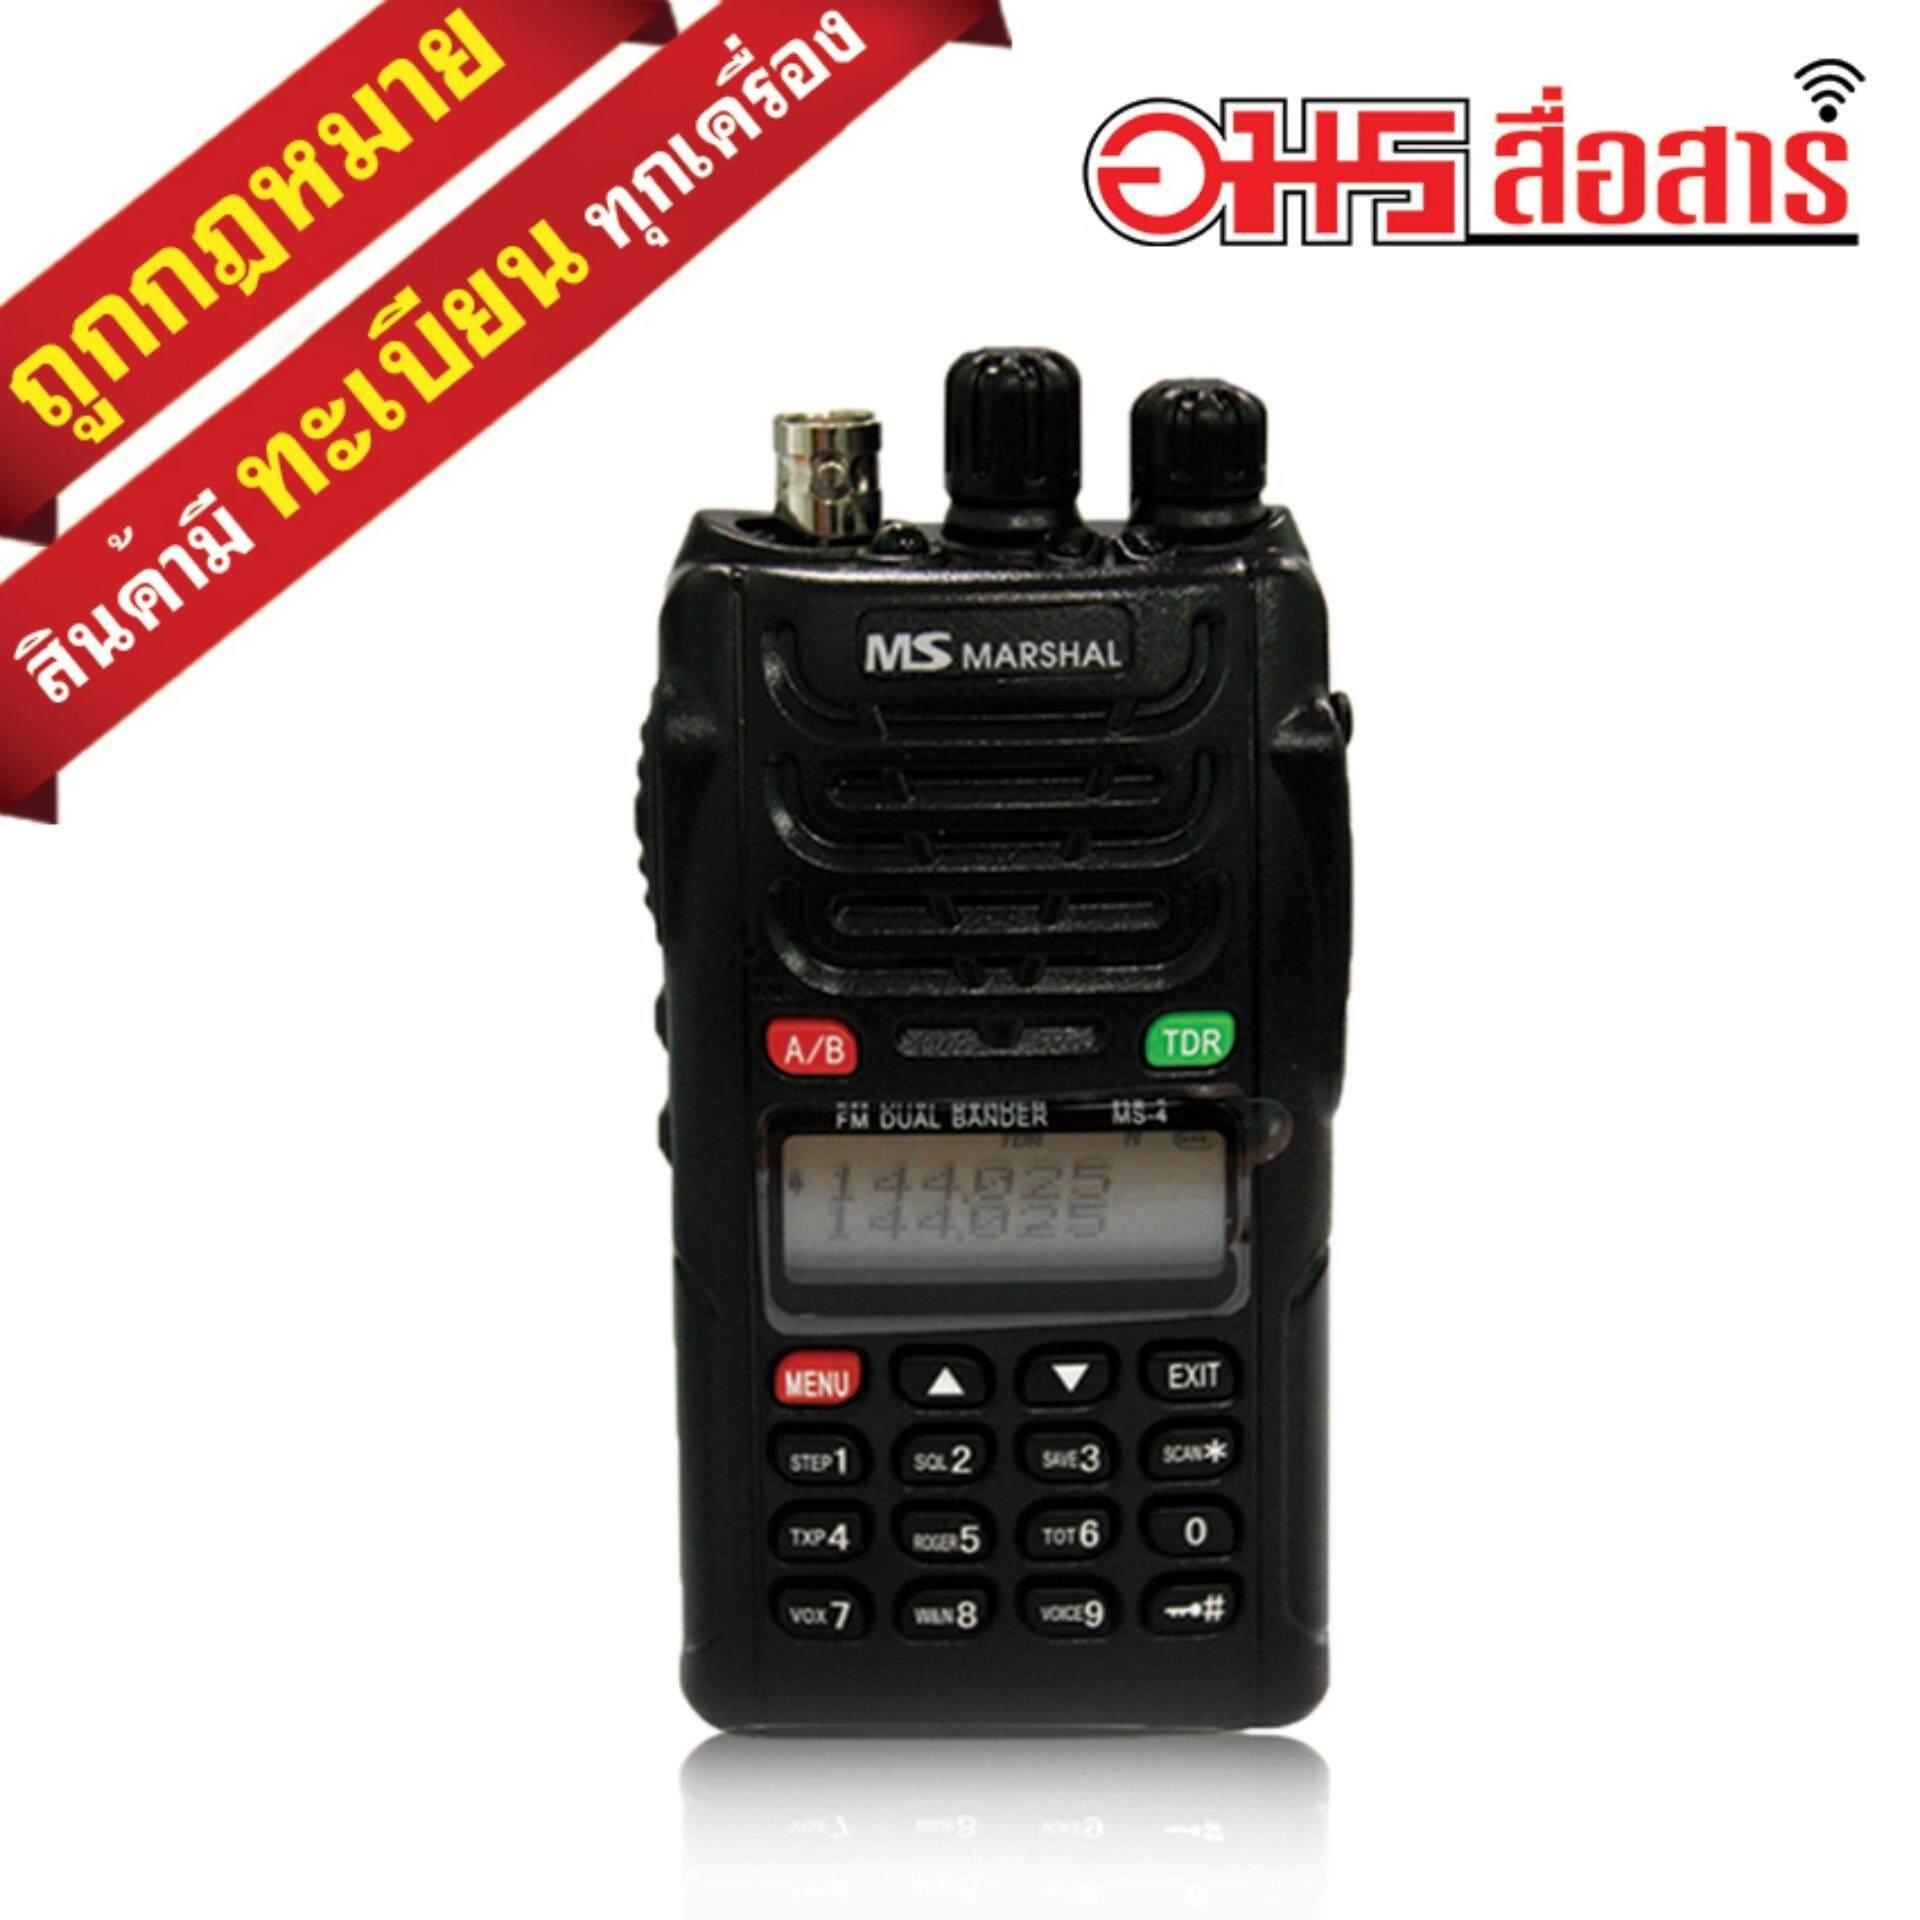 ราคา Ms Marshal วิทยุสื่อสาร 5W รุ่น Ms 4 สีดำ Walkie Talkie Walkie Talkie อมรสื่อสาร นนทบุรี